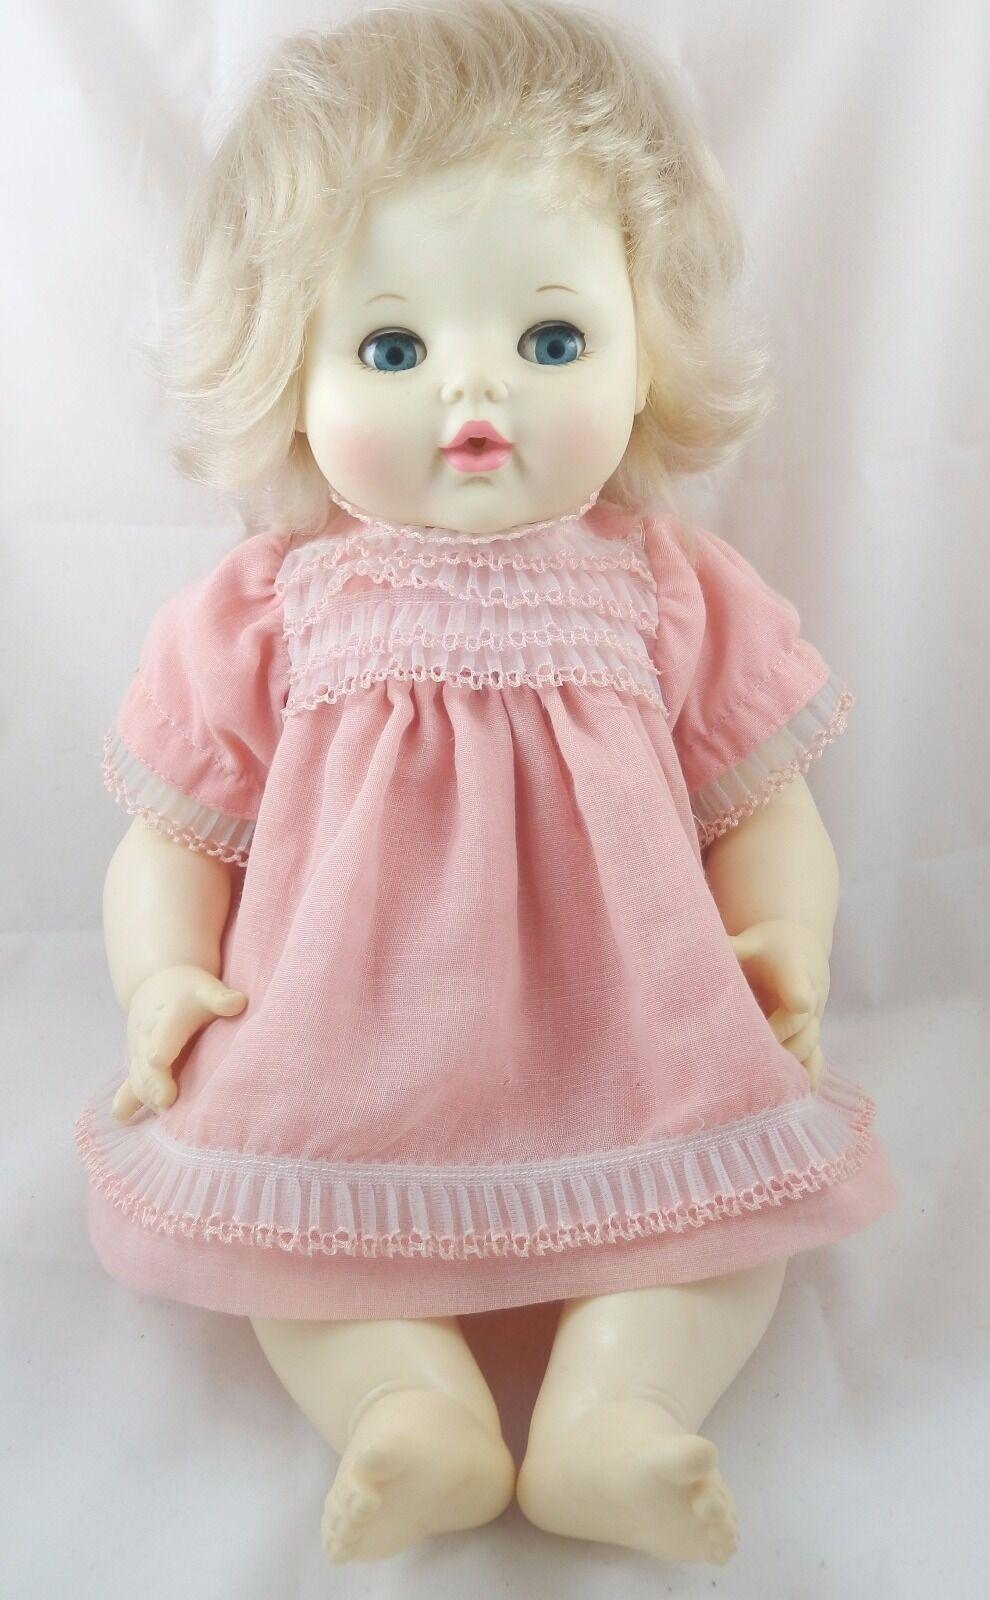 Bambola Americana Stupenda della Ideal Toy Corp Doll Doll Doll Poupee Puppen Vintage c5498e